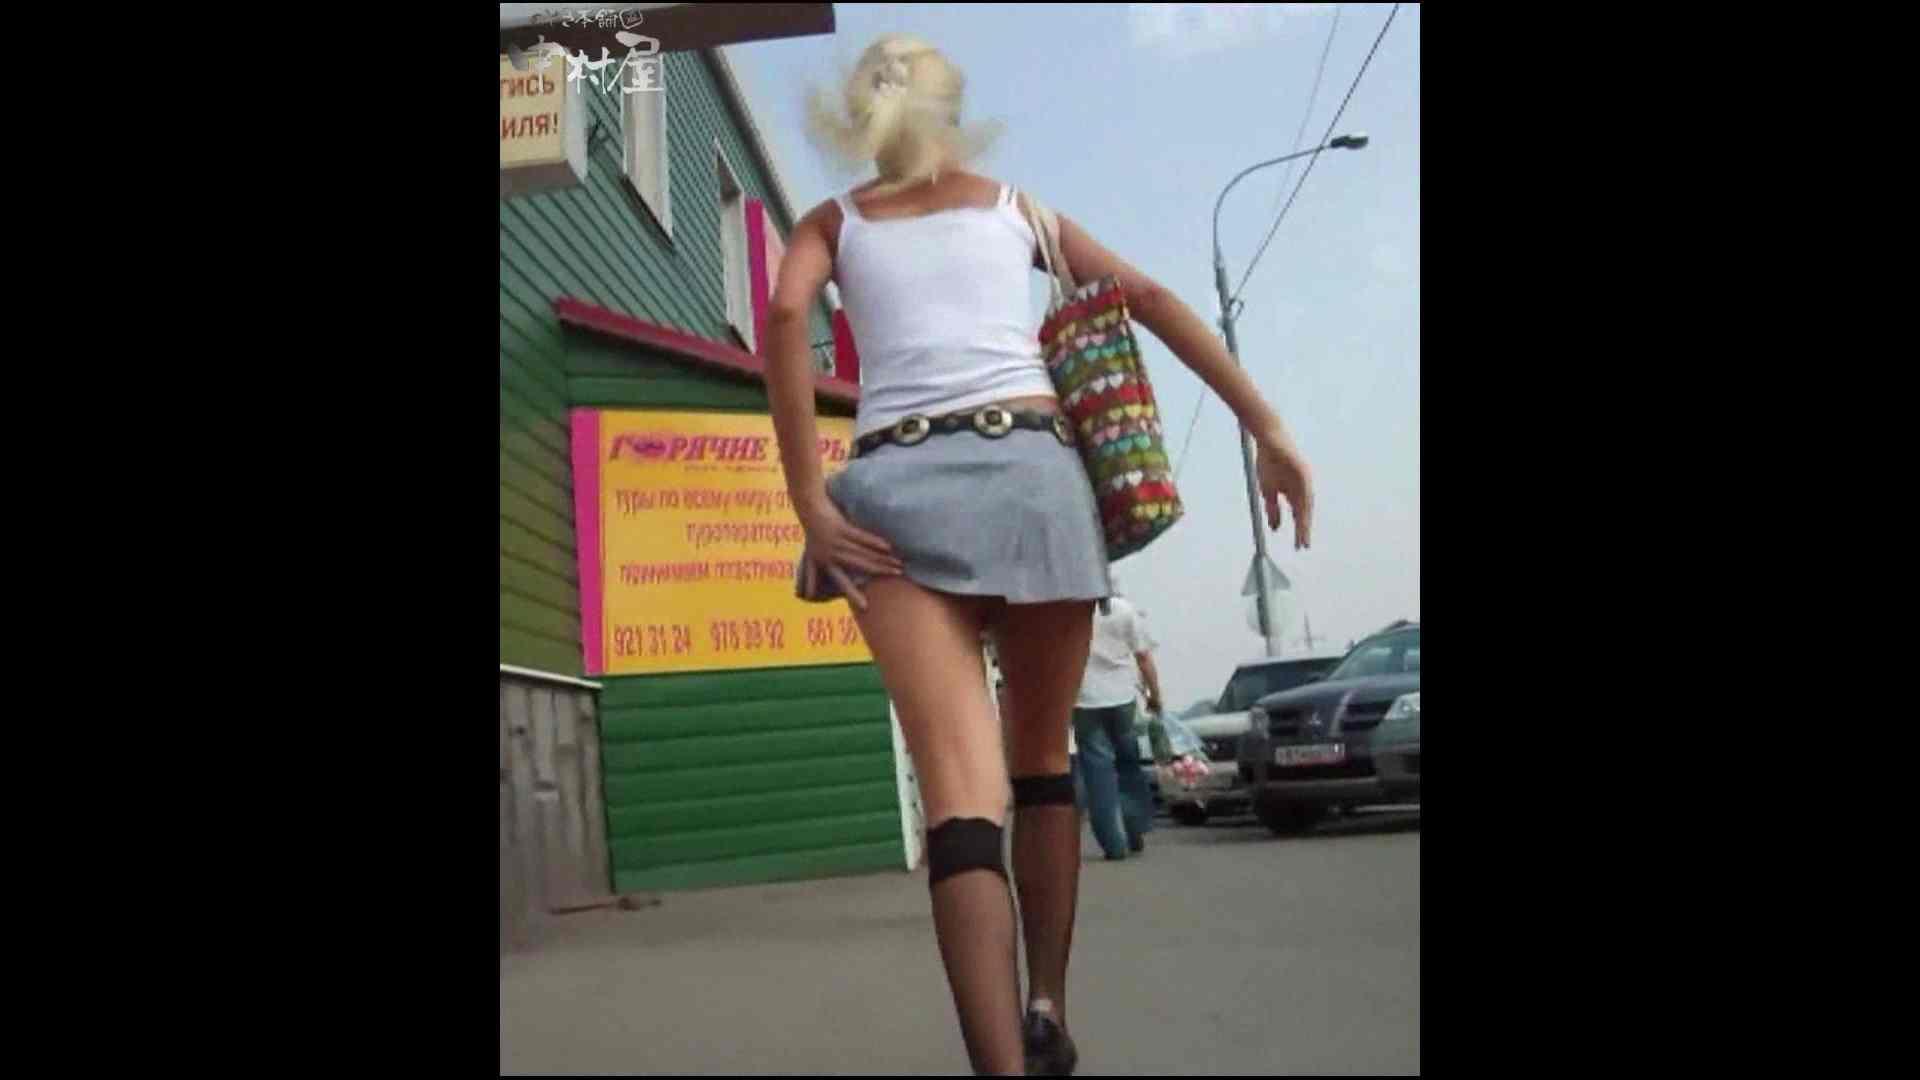 綺麗なモデルさんのスカート捲っちゃおう‼ vol25 Hなお姉さん | モデルヌード  87pic 39